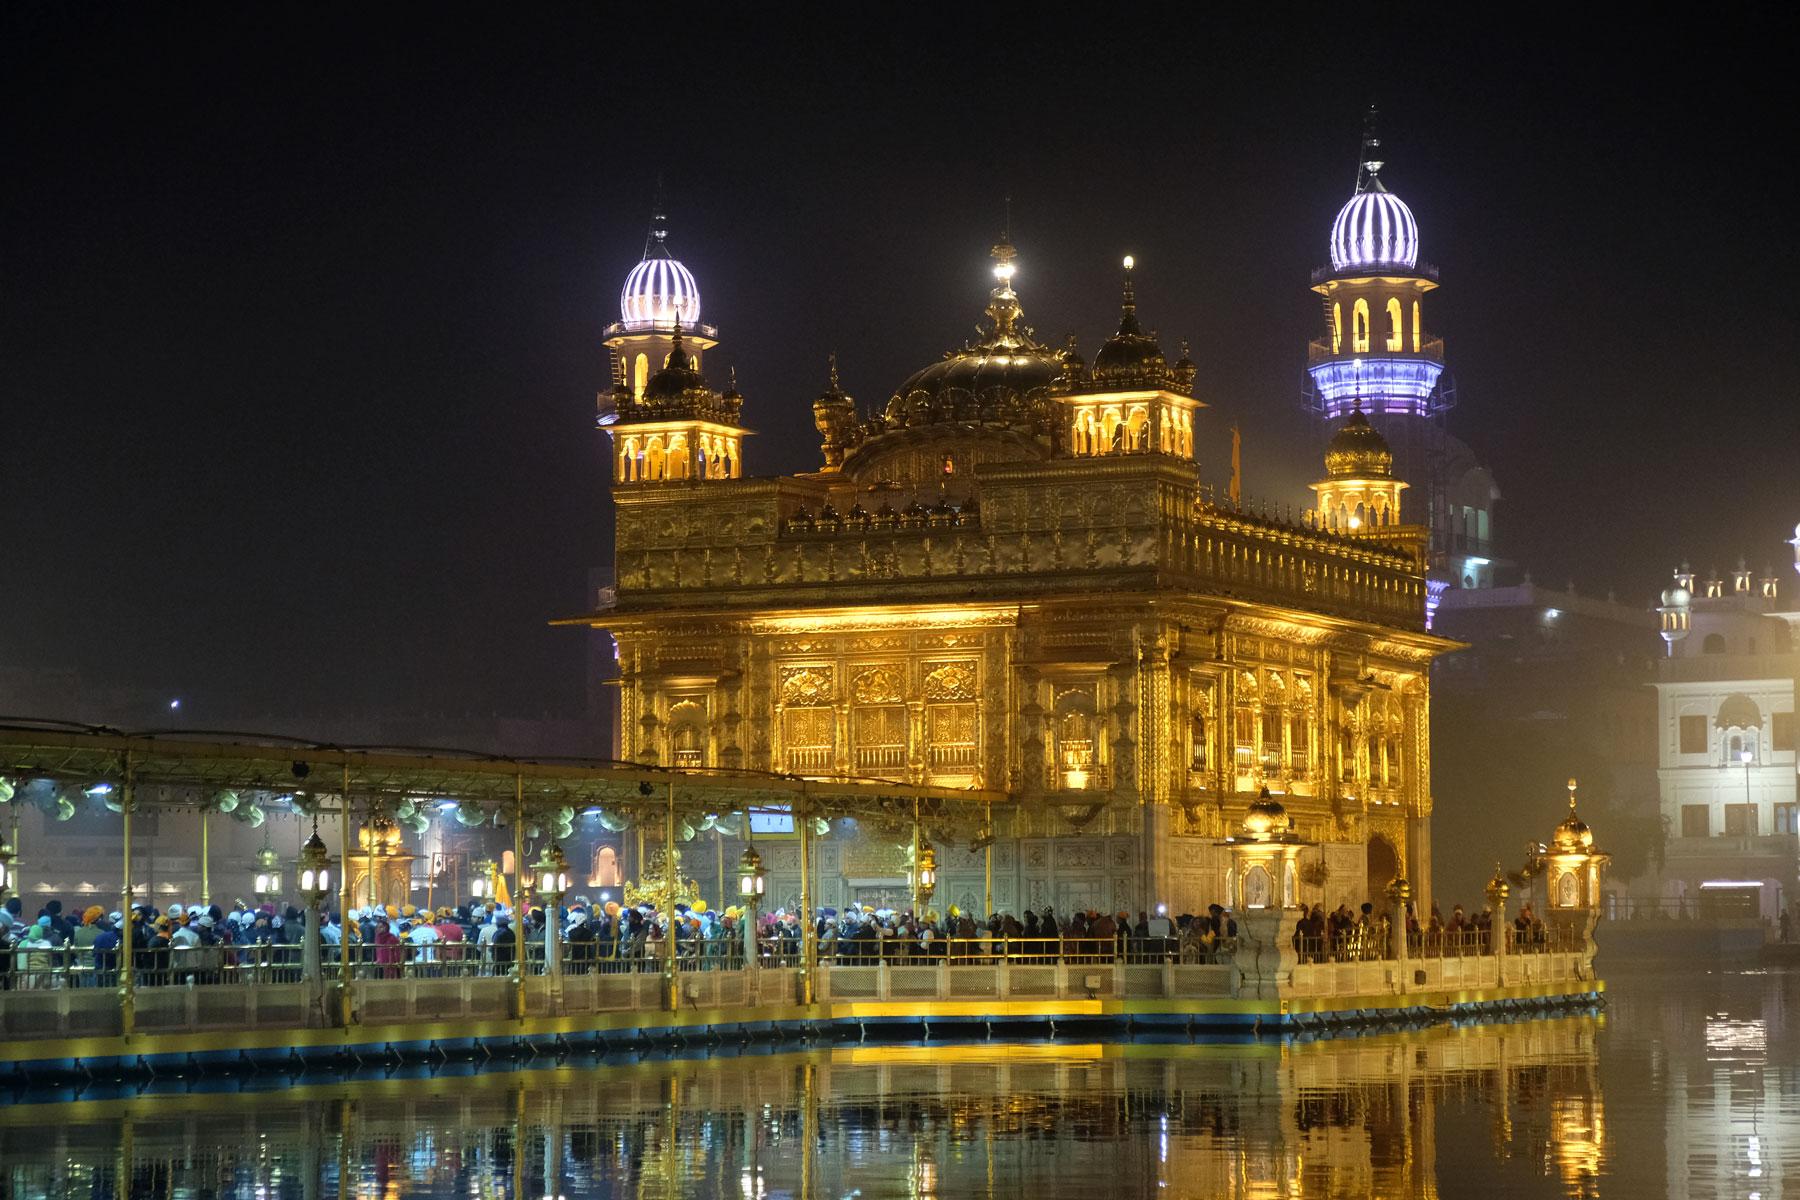 Besonders abends ist im Palastgelände viel los. Über einen Steg gelangen die Gläubigen zum Tempel in dem das heilige Buch der Sikhs ausgestellt wird.